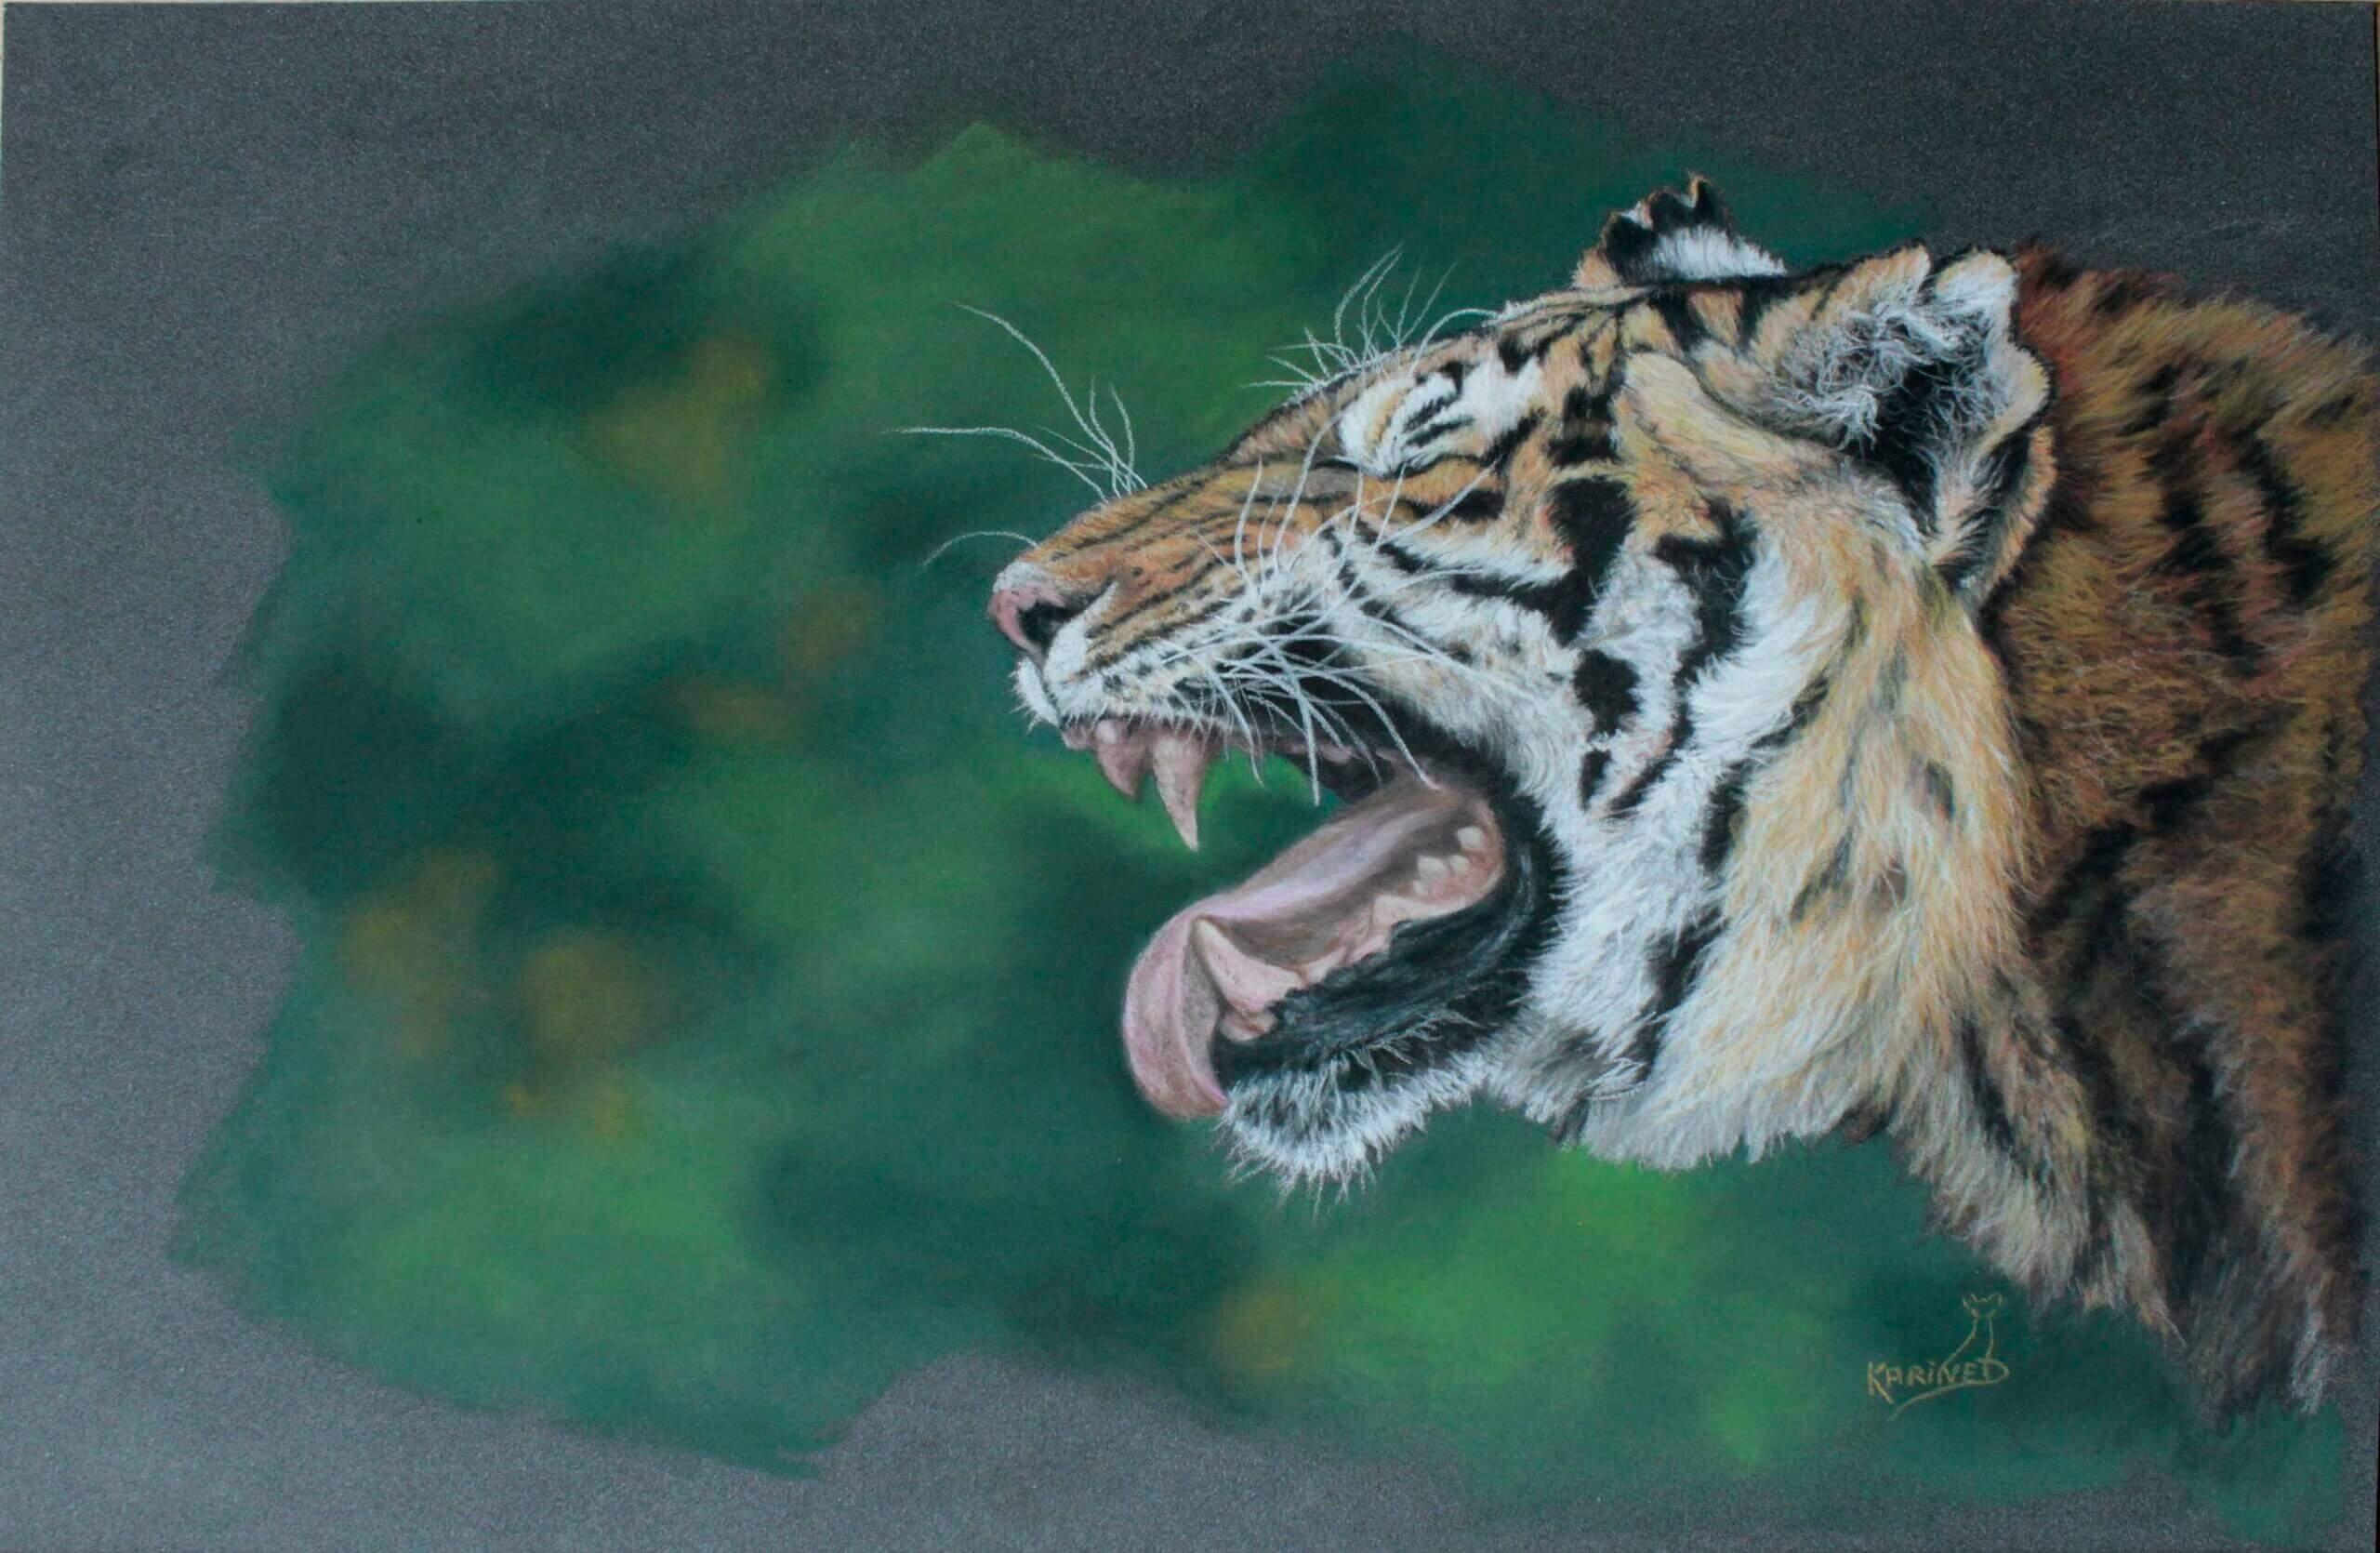 Karine D.-« Saphyr » tigre